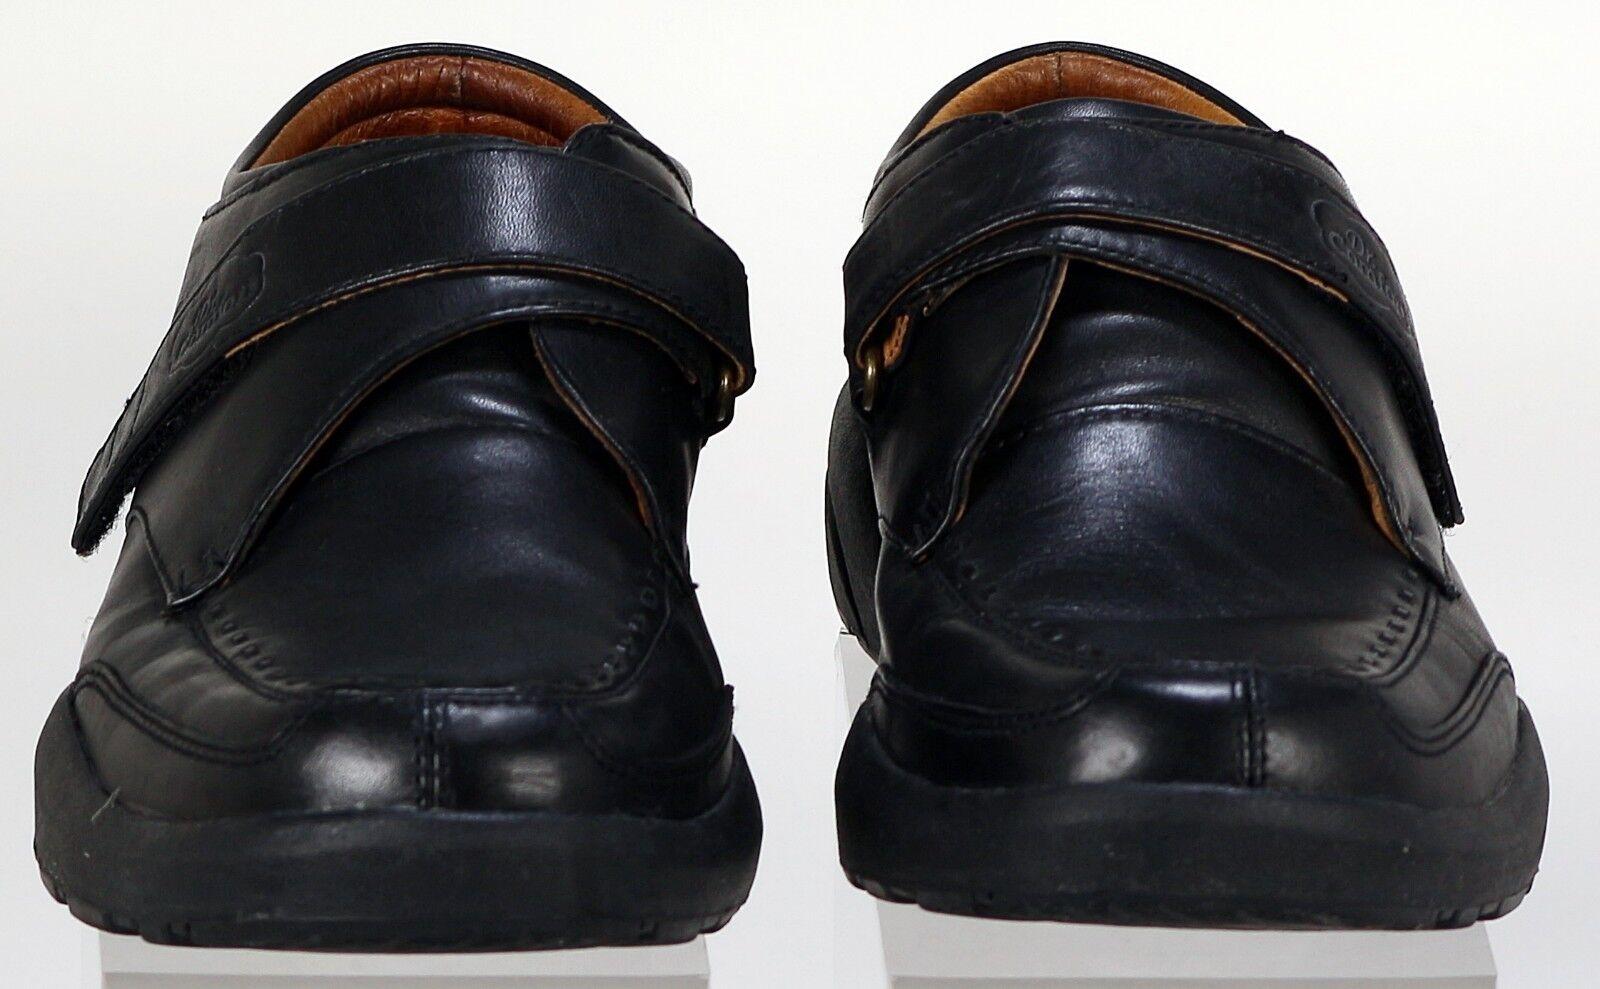 b2571e8d63c2 ... Dr Comfort Men s Shoes Shoes Shoes Size 12 Frank 6210 Black comfort moc  toe Diabetic leather ...